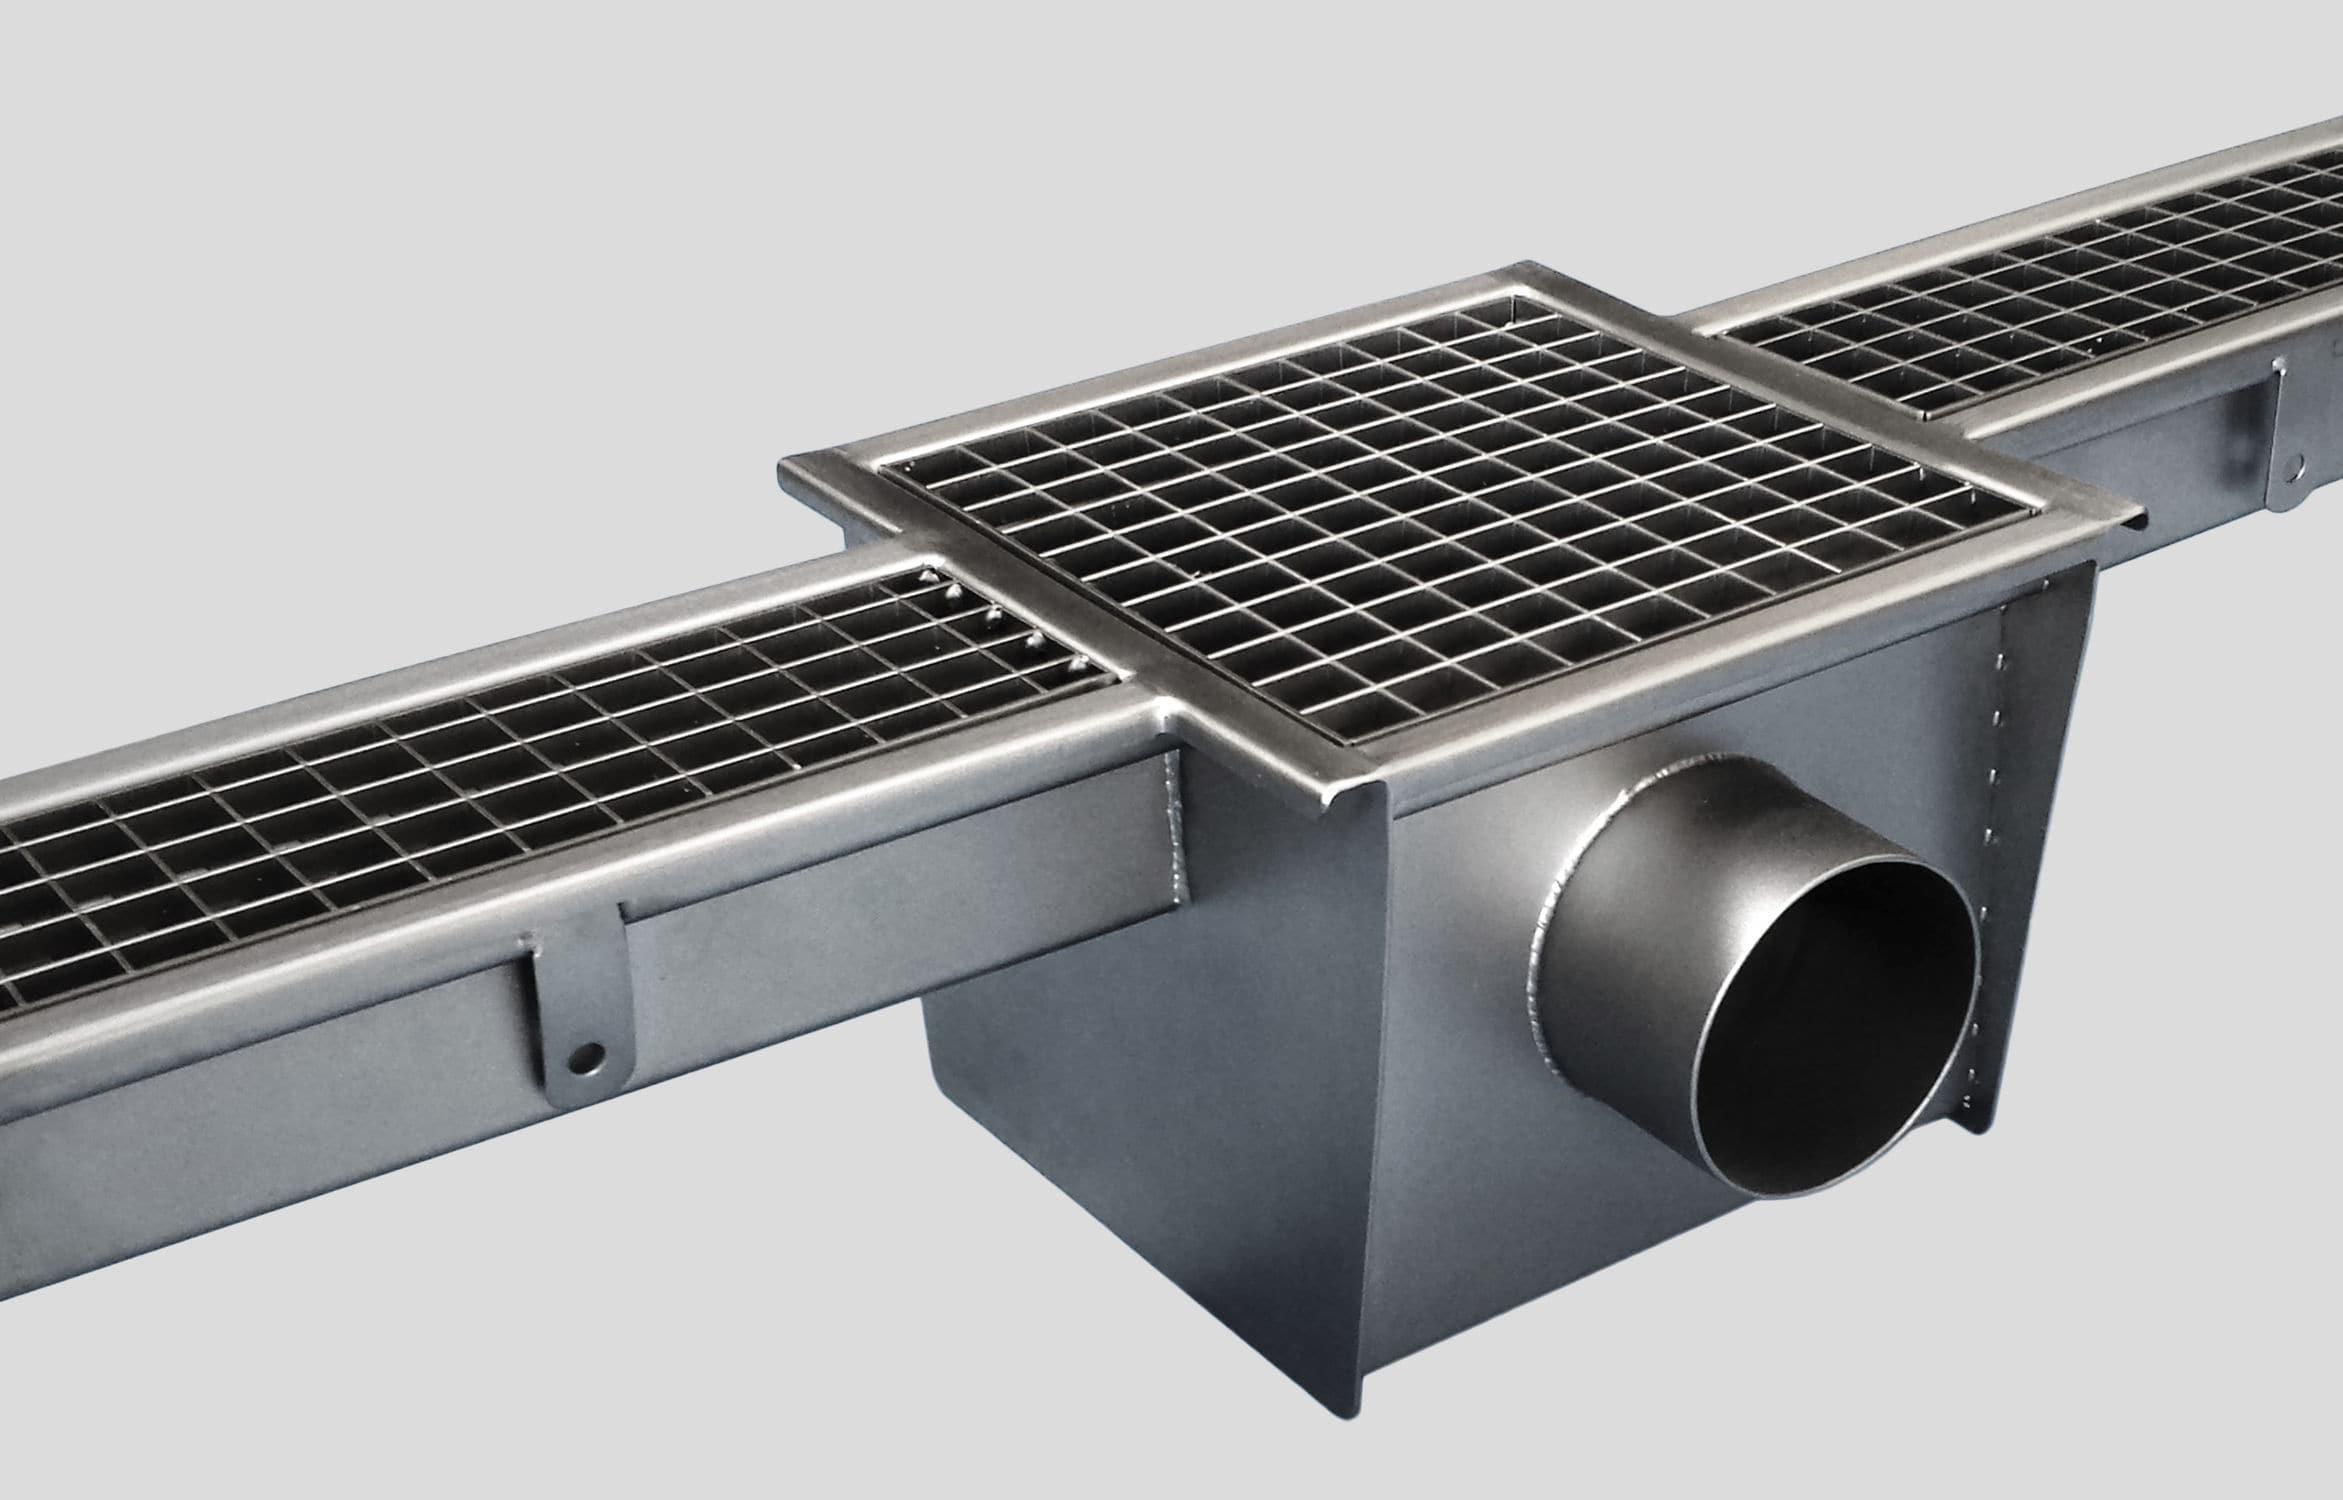 Canaletta In Acciaio Inox 2150 Inoxsystem S R L Con Griglie Per Cucina Da Pavimento